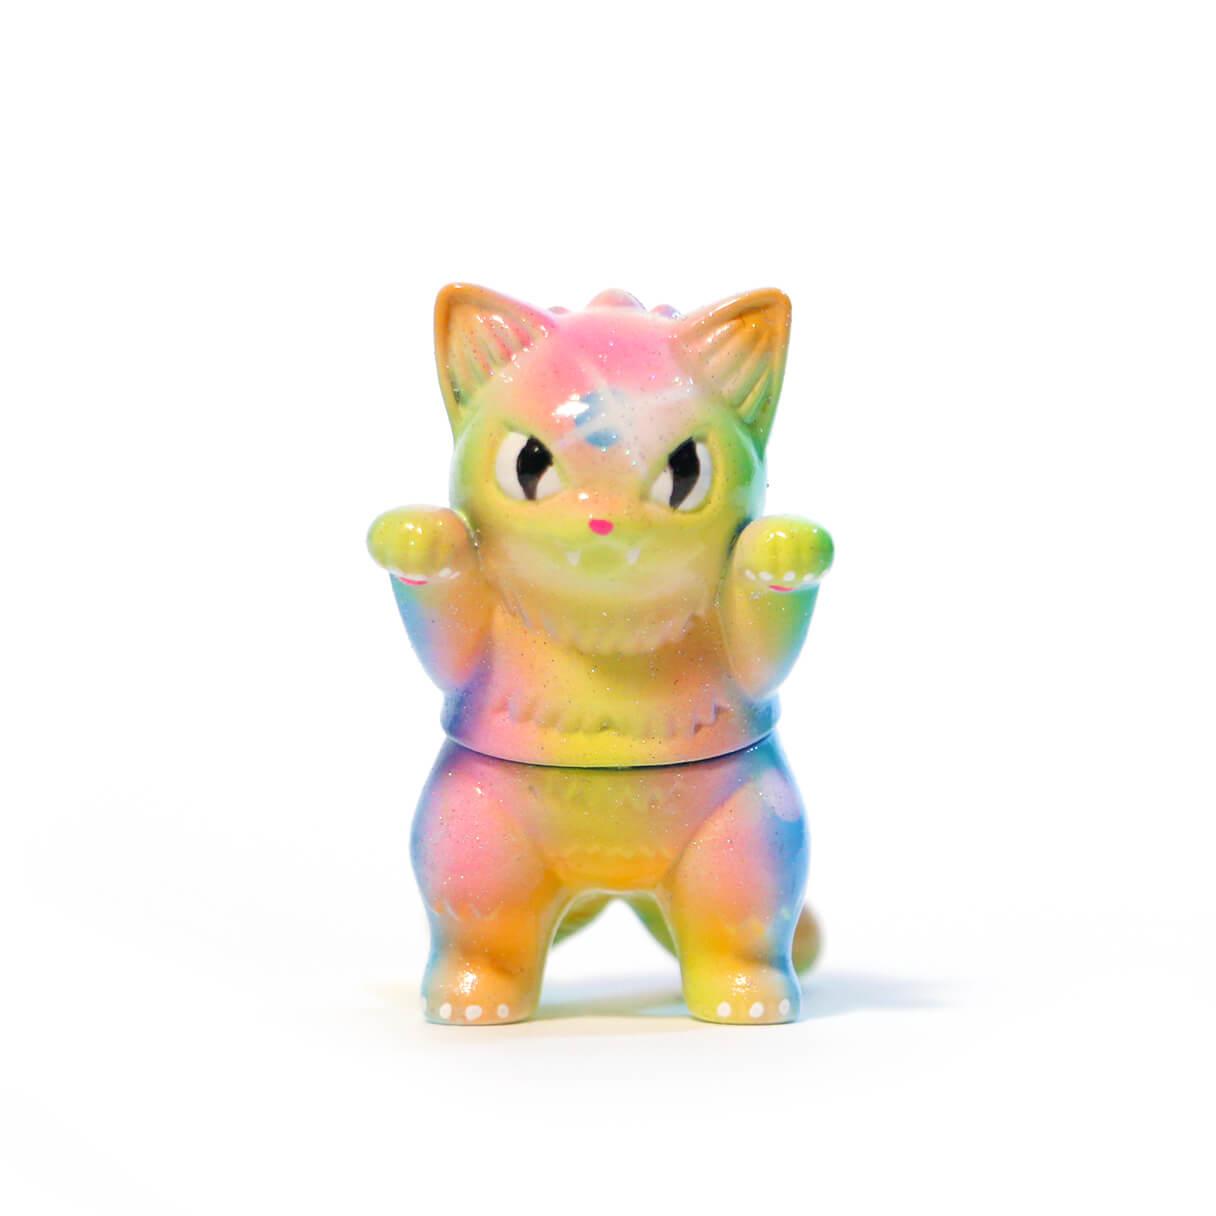 zkt-custom-neon-z-sparkle-konatsu-migora-kaiju-cat